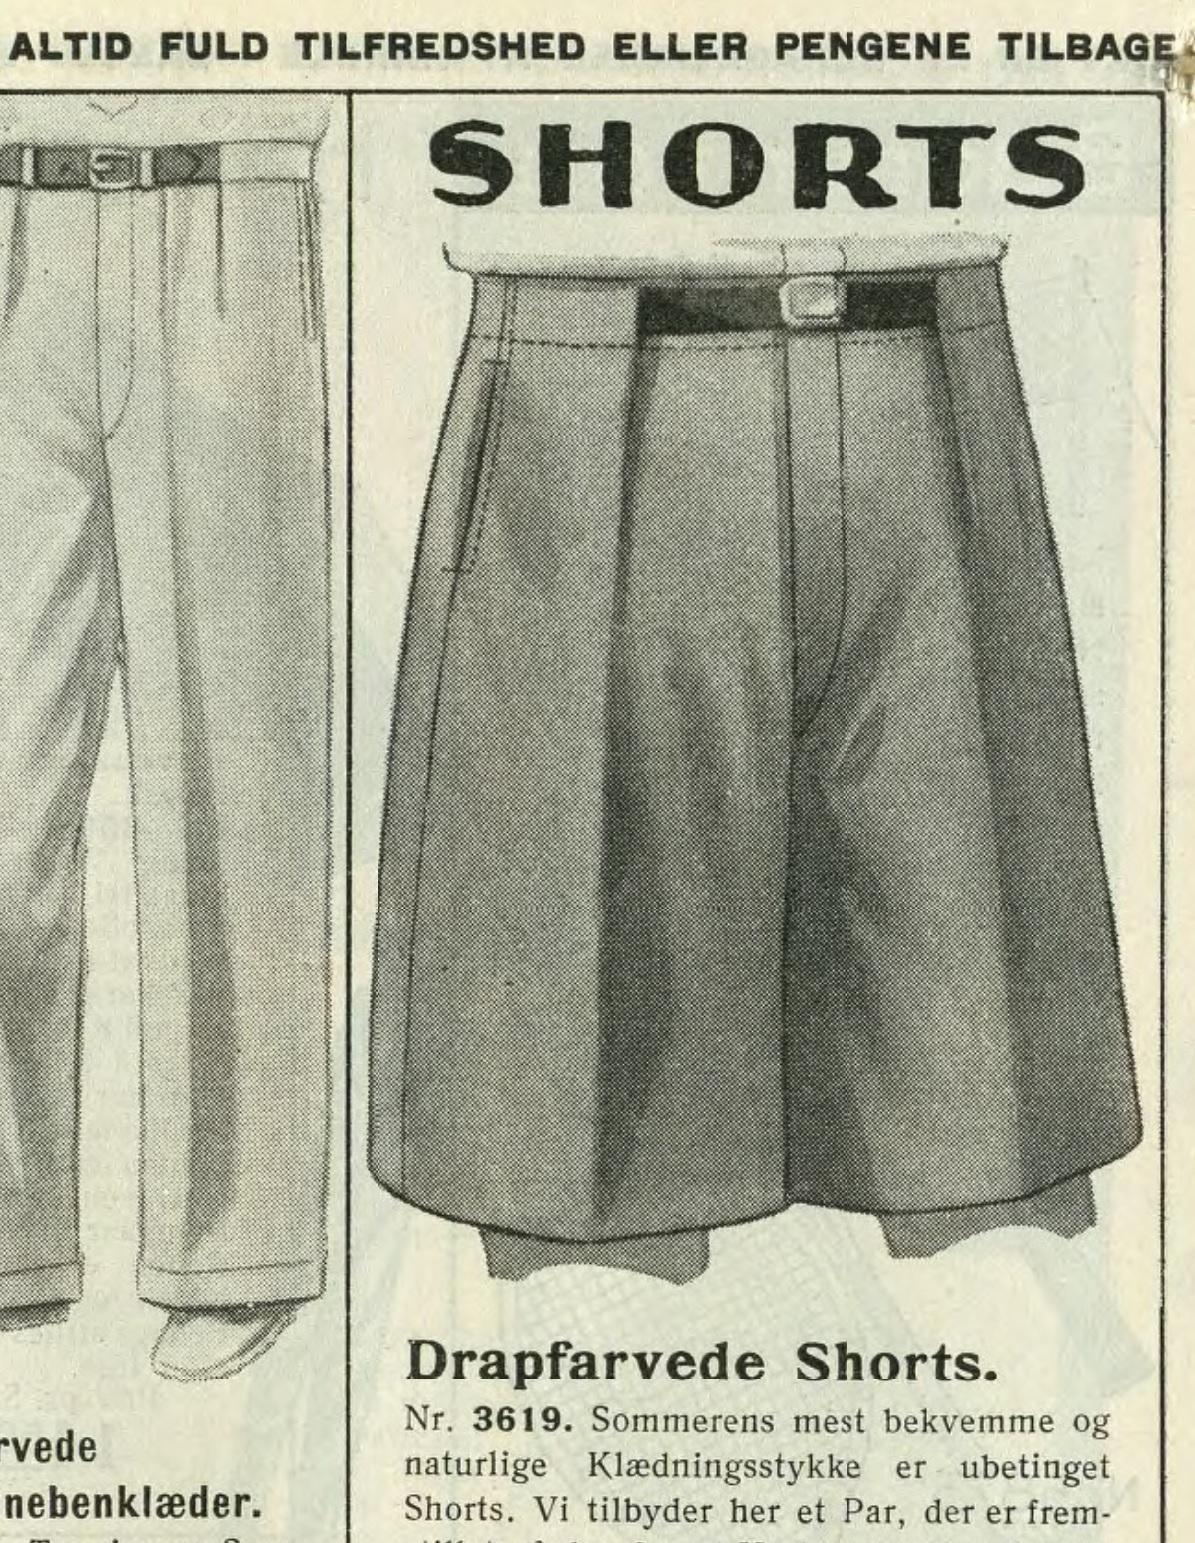 shorts korte bukser til mænd historisk